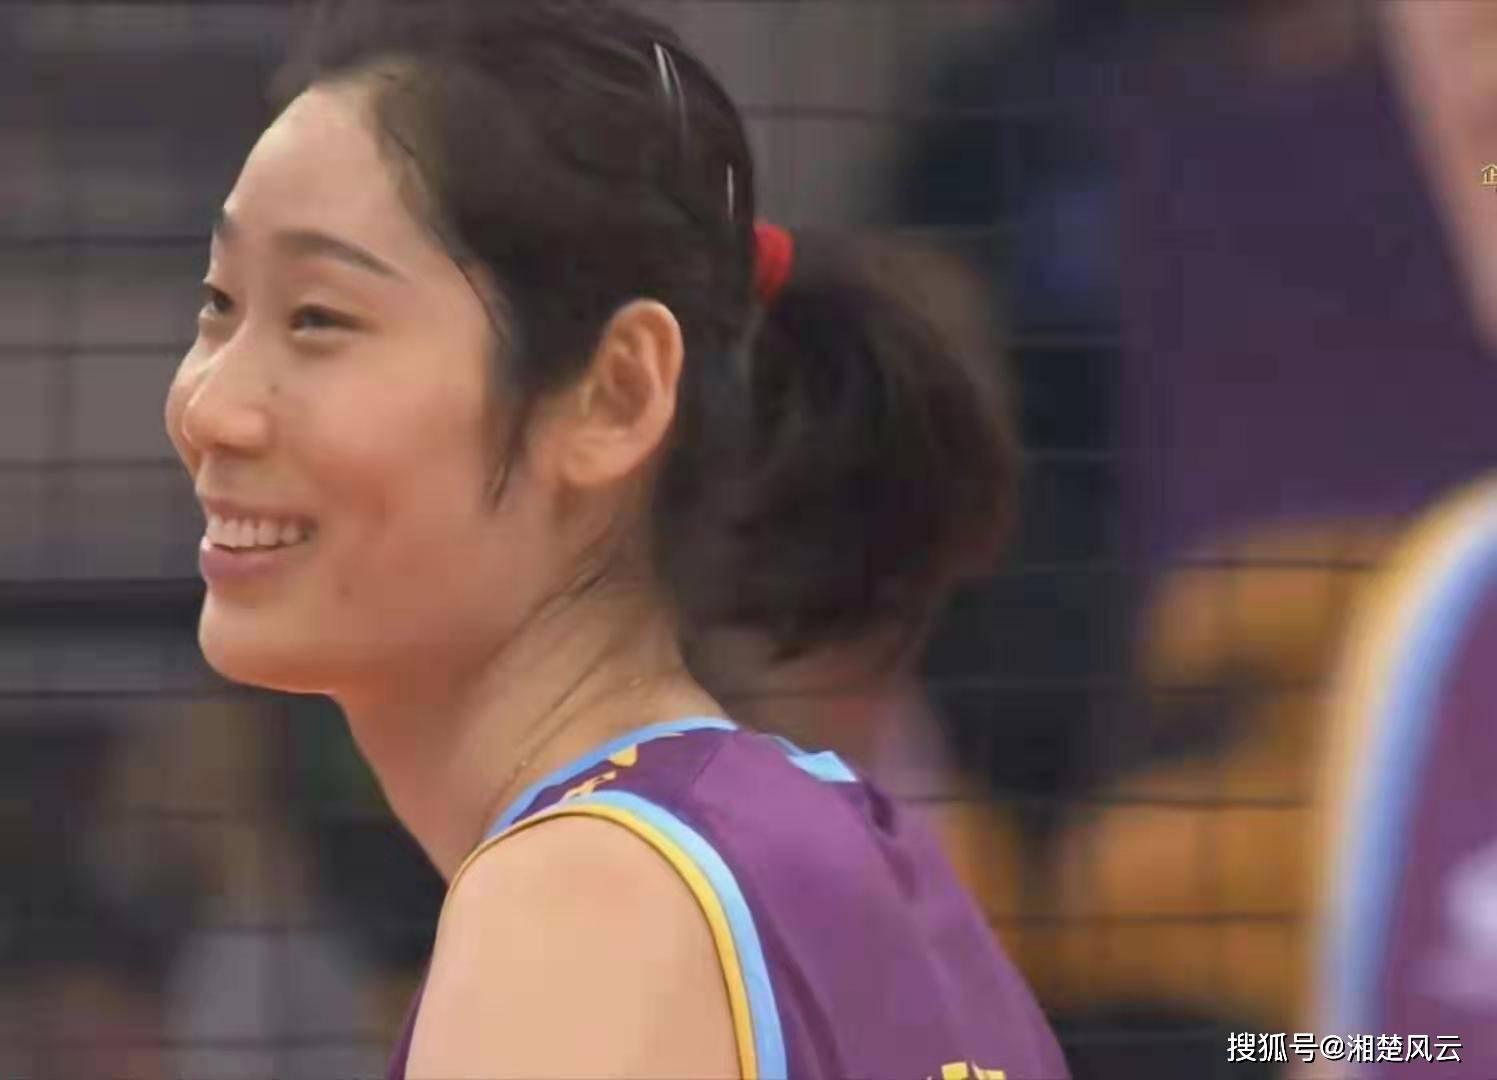 天津女排与朱婷续约 卫冕概率大大提高 在比赛中 网民们担心朱婷的受伤